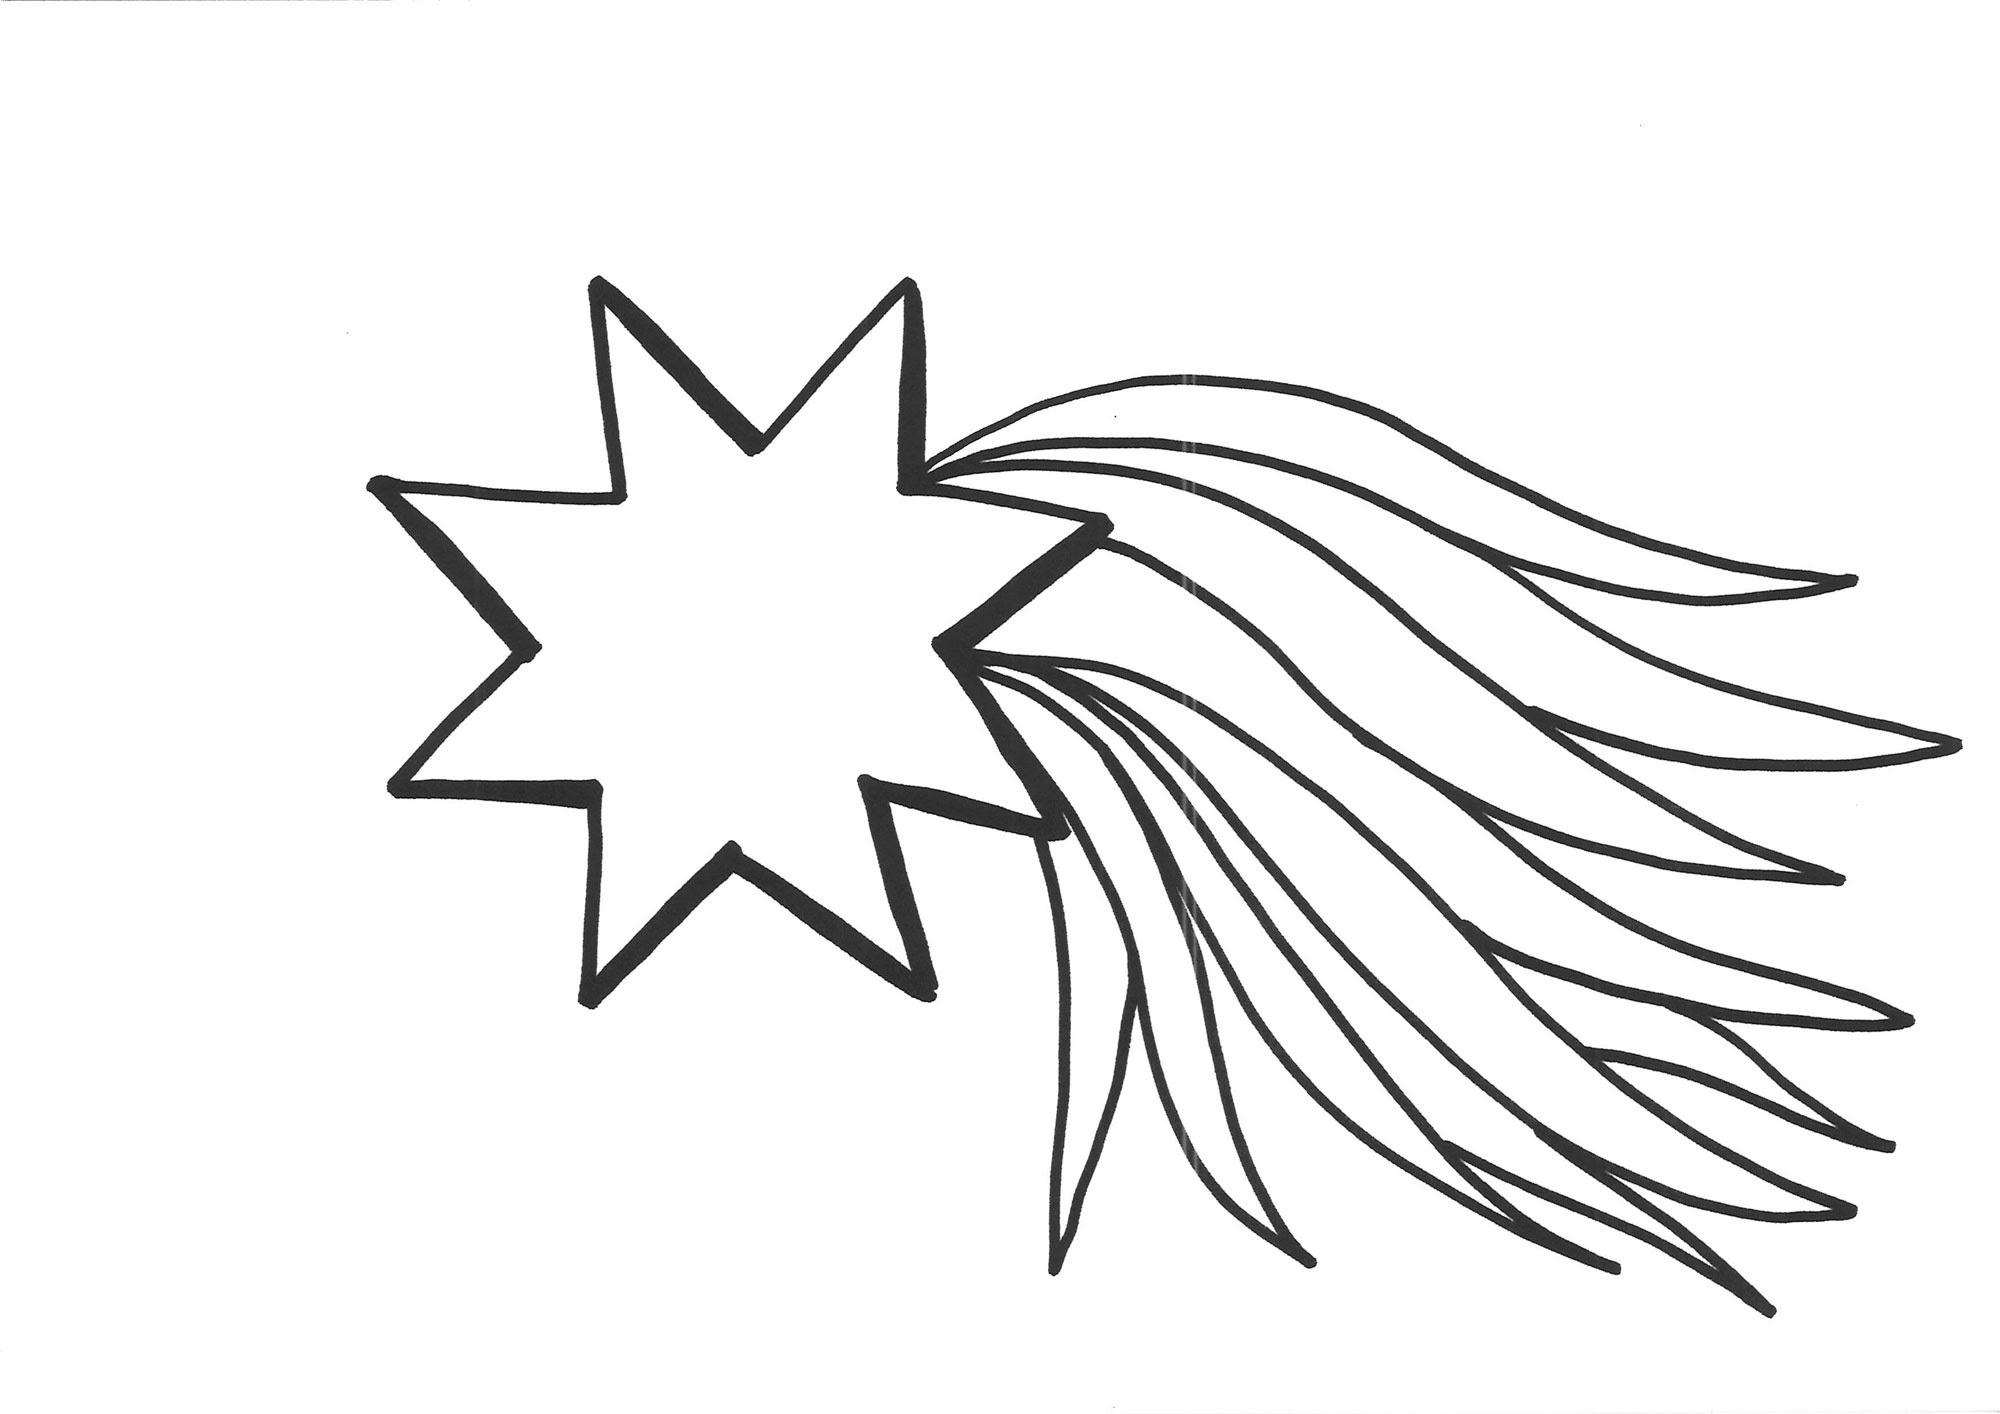 Ausmalbild Schneeflocken und Sterne Malvorlage Stern 2 kostenlos ausdrucken